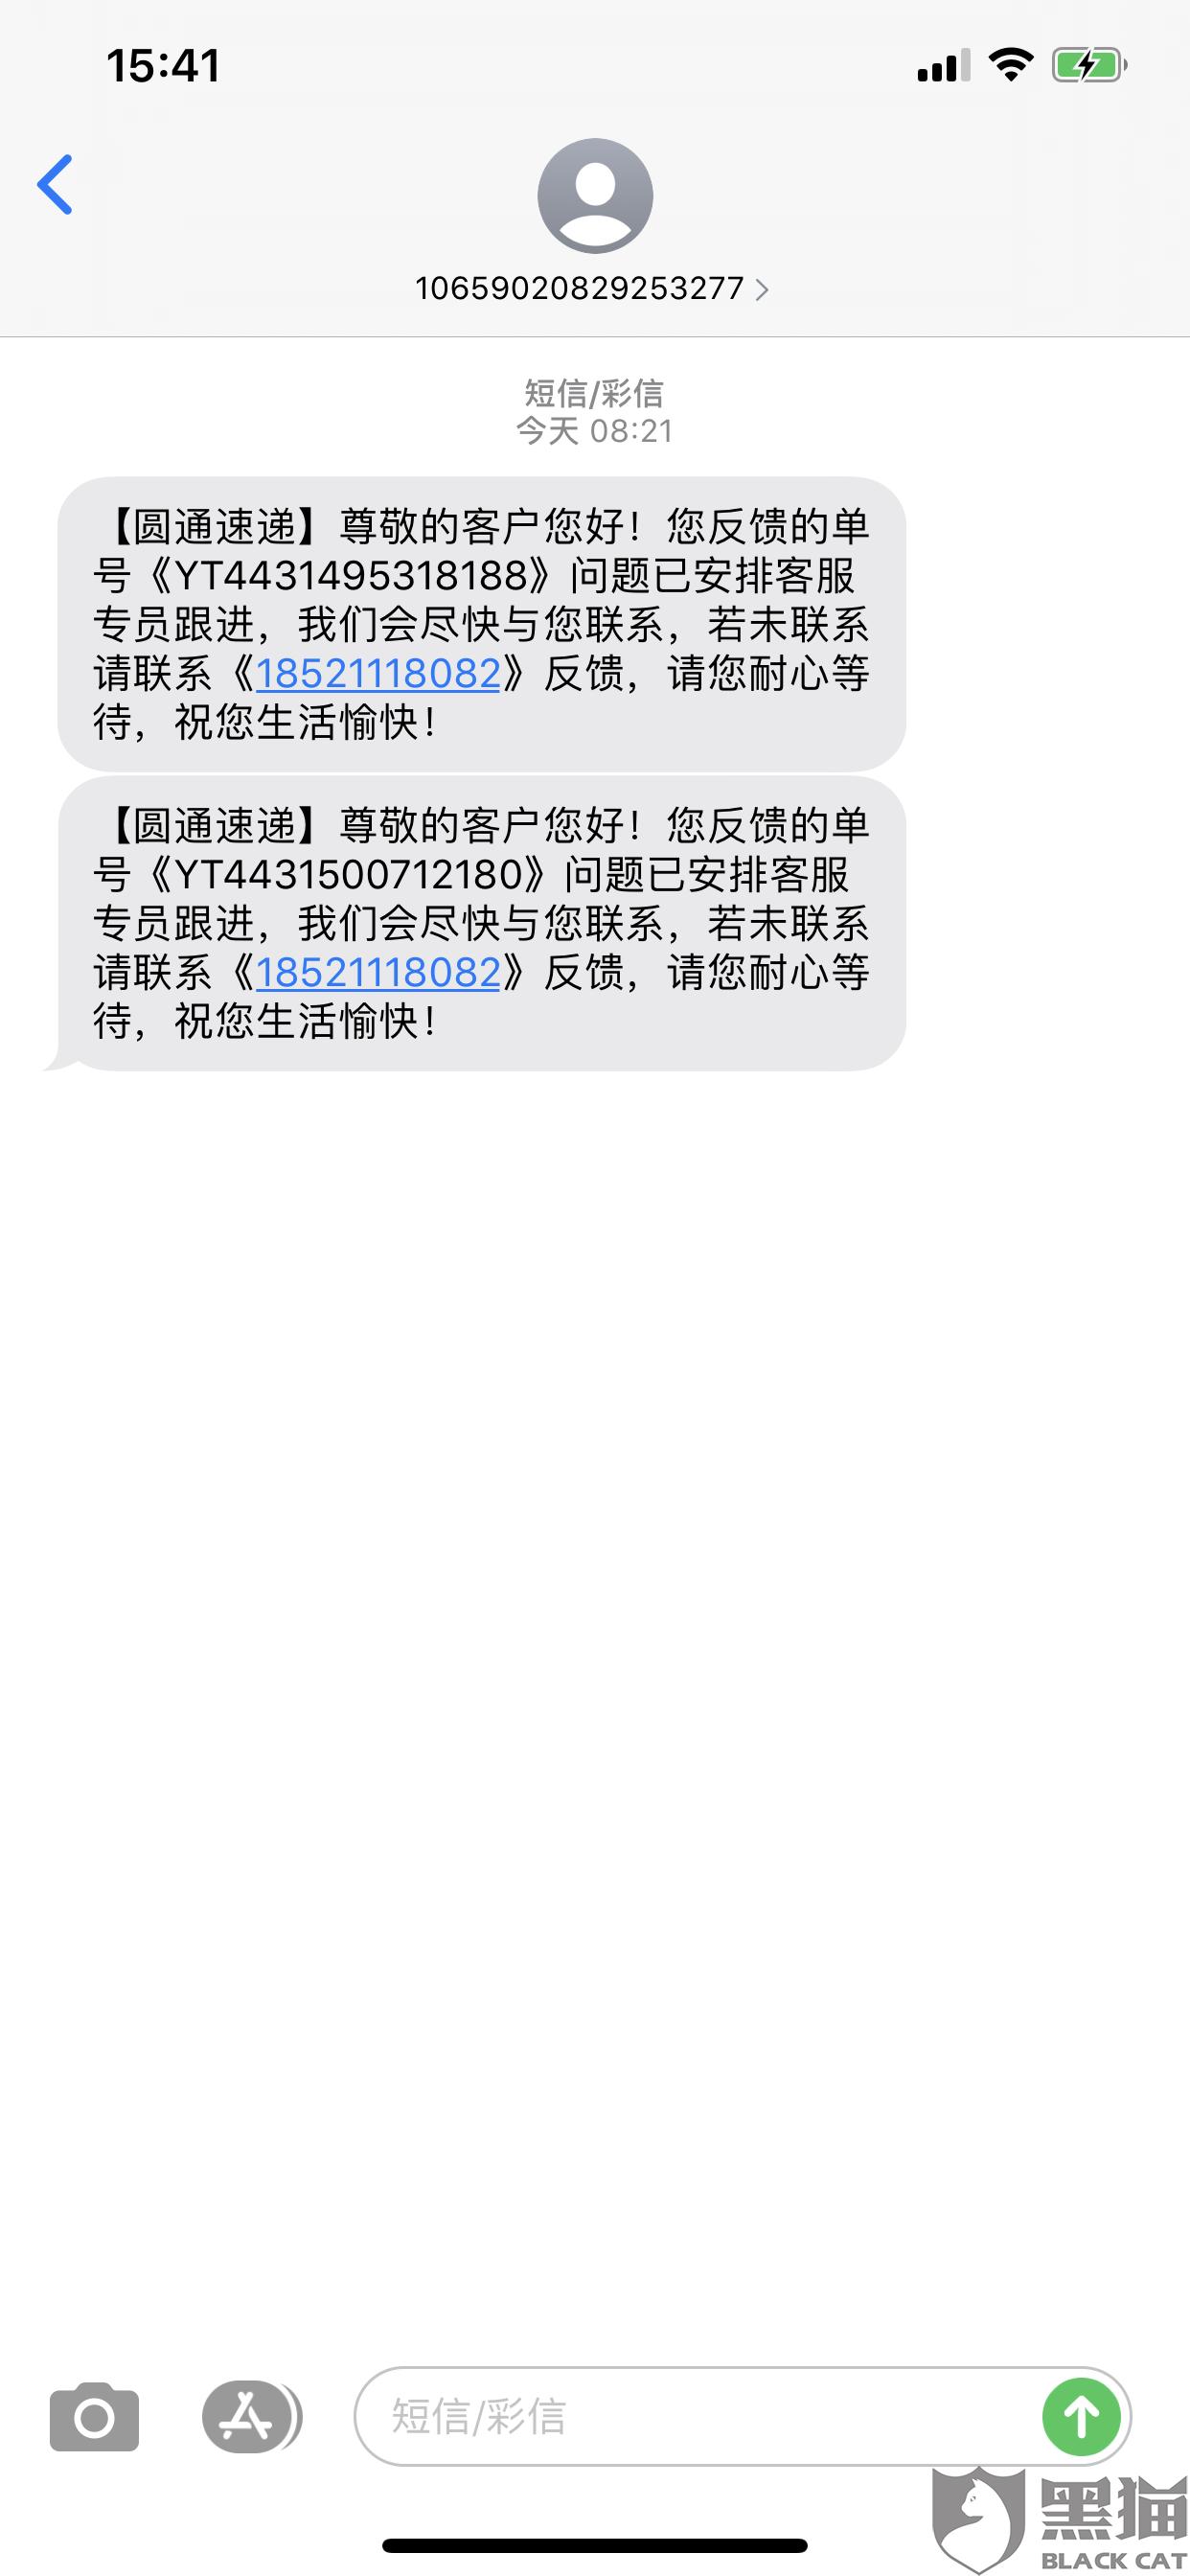 黑猫投诉:快递在汉口新福星公司停止更新物流